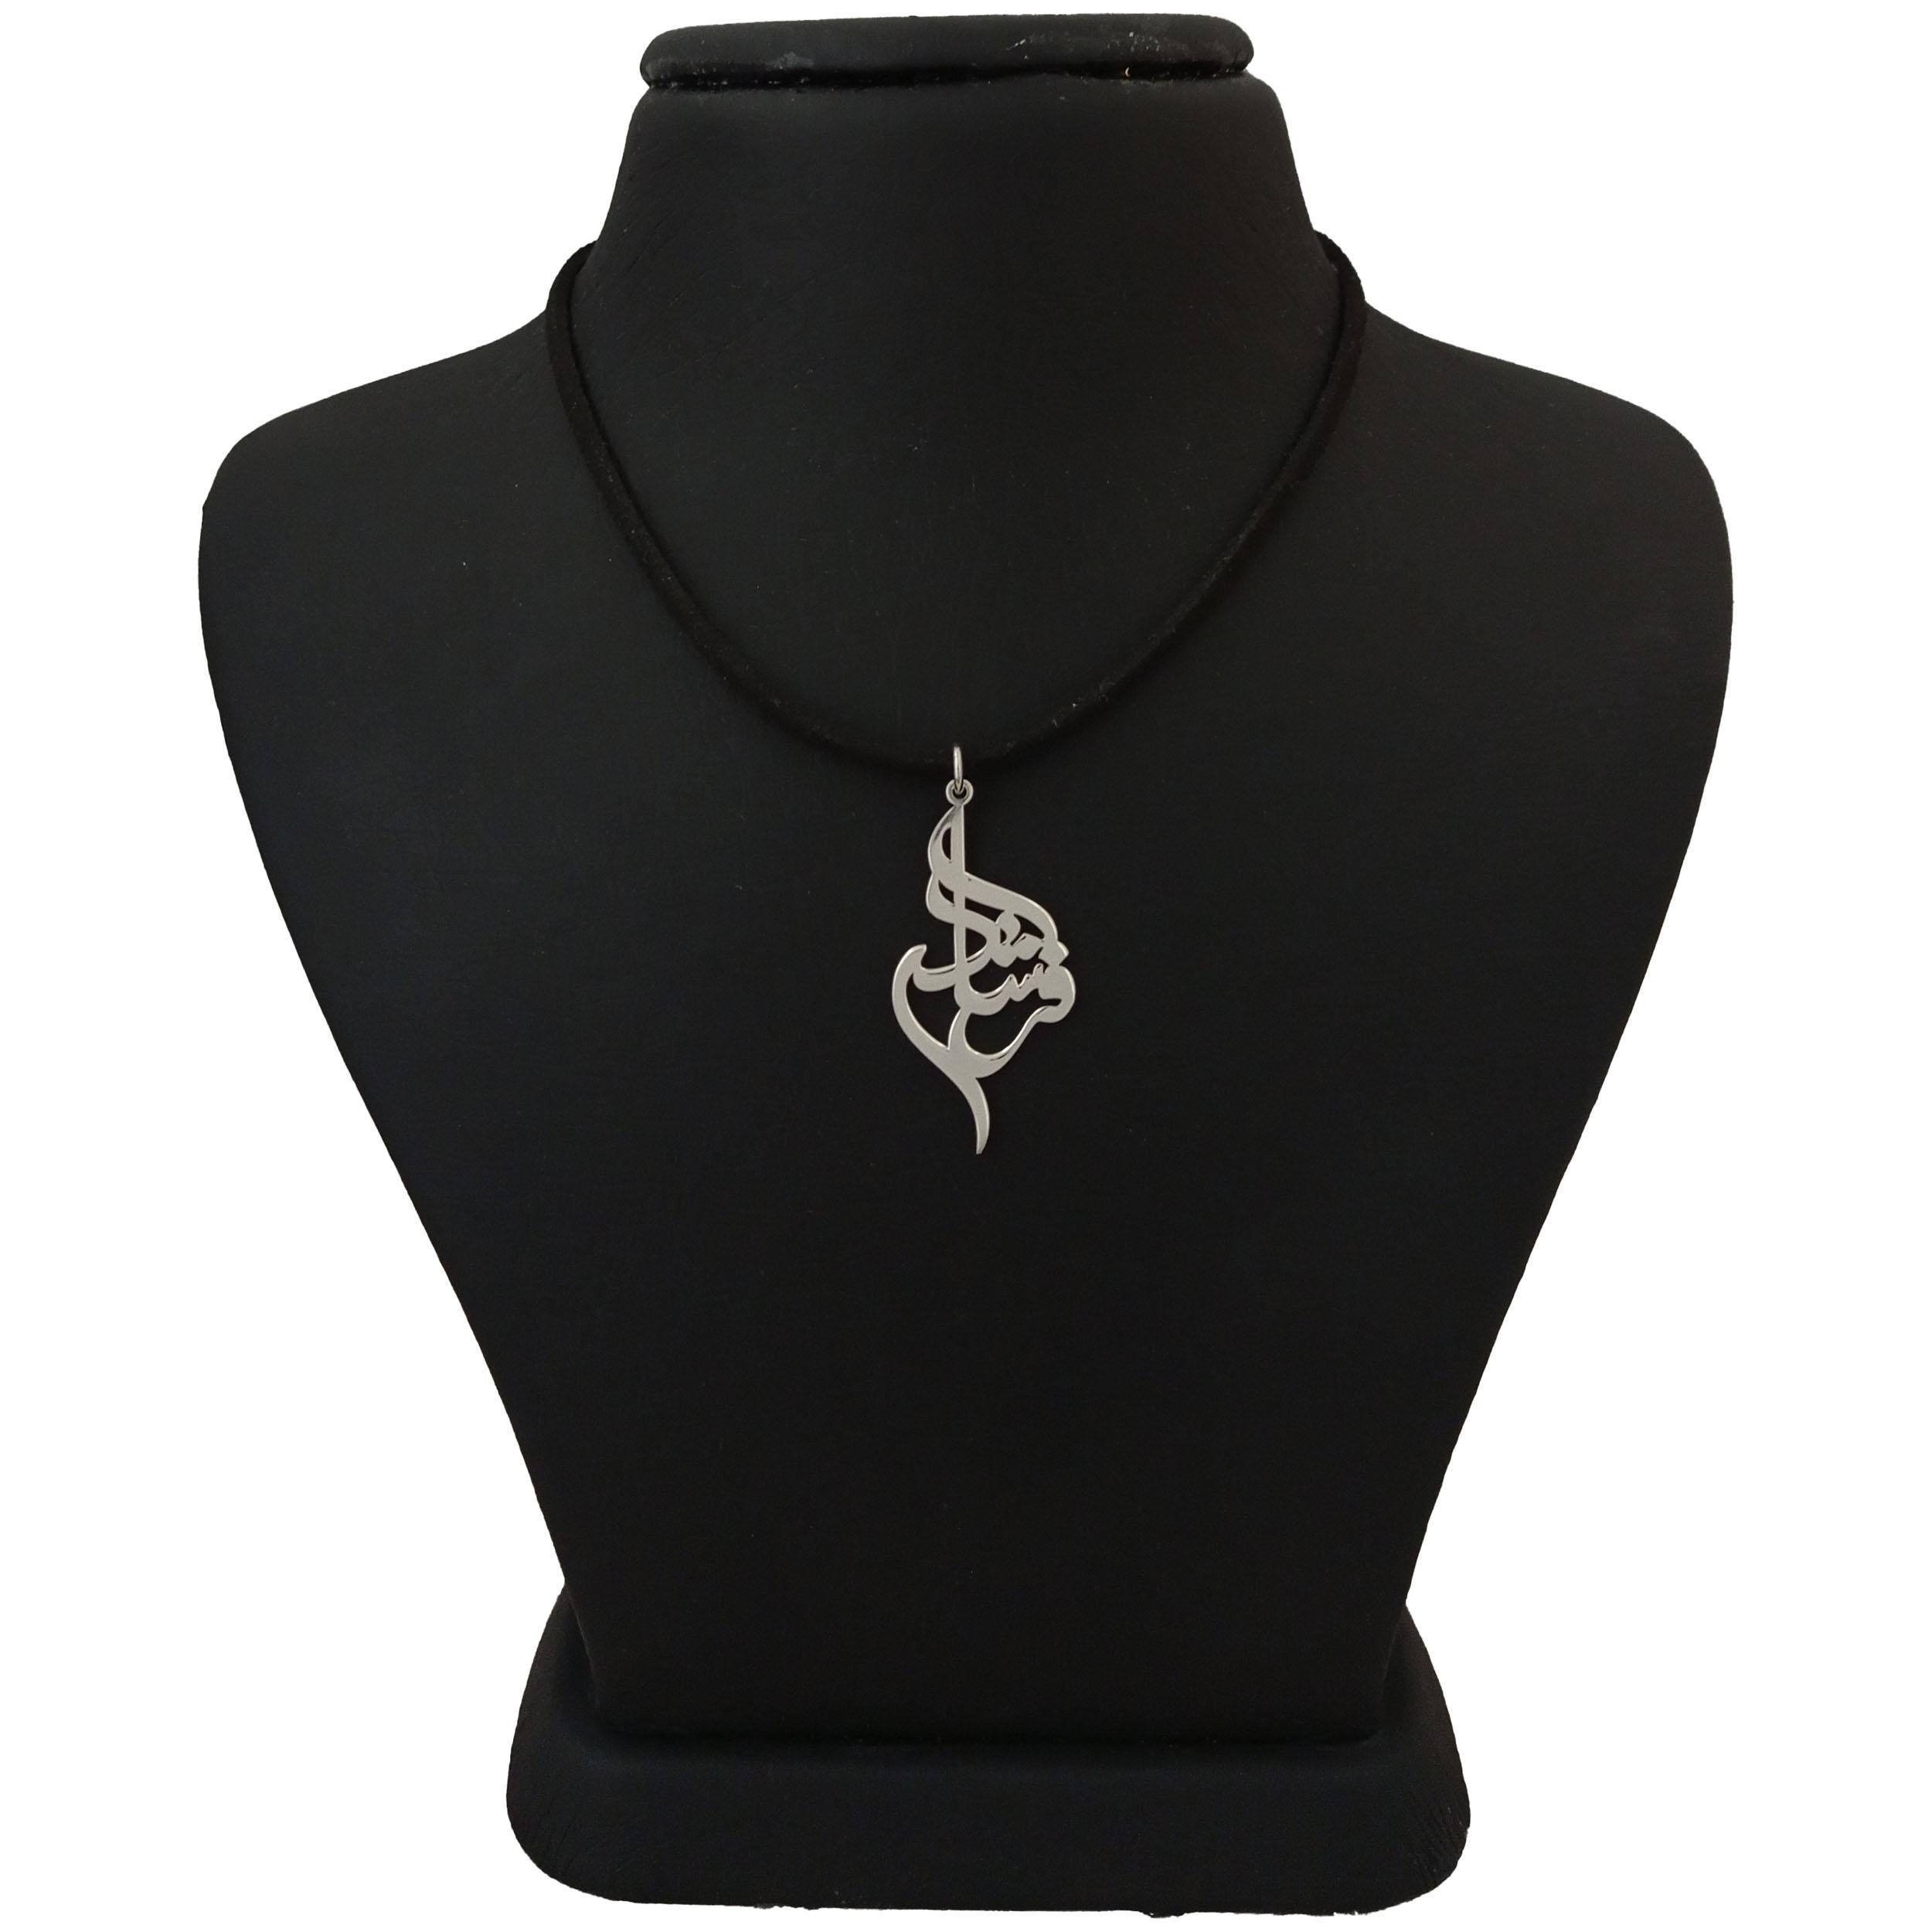 گردنبند نقره مردانه ترمه 1 طرح فرشاد کد mas 0022